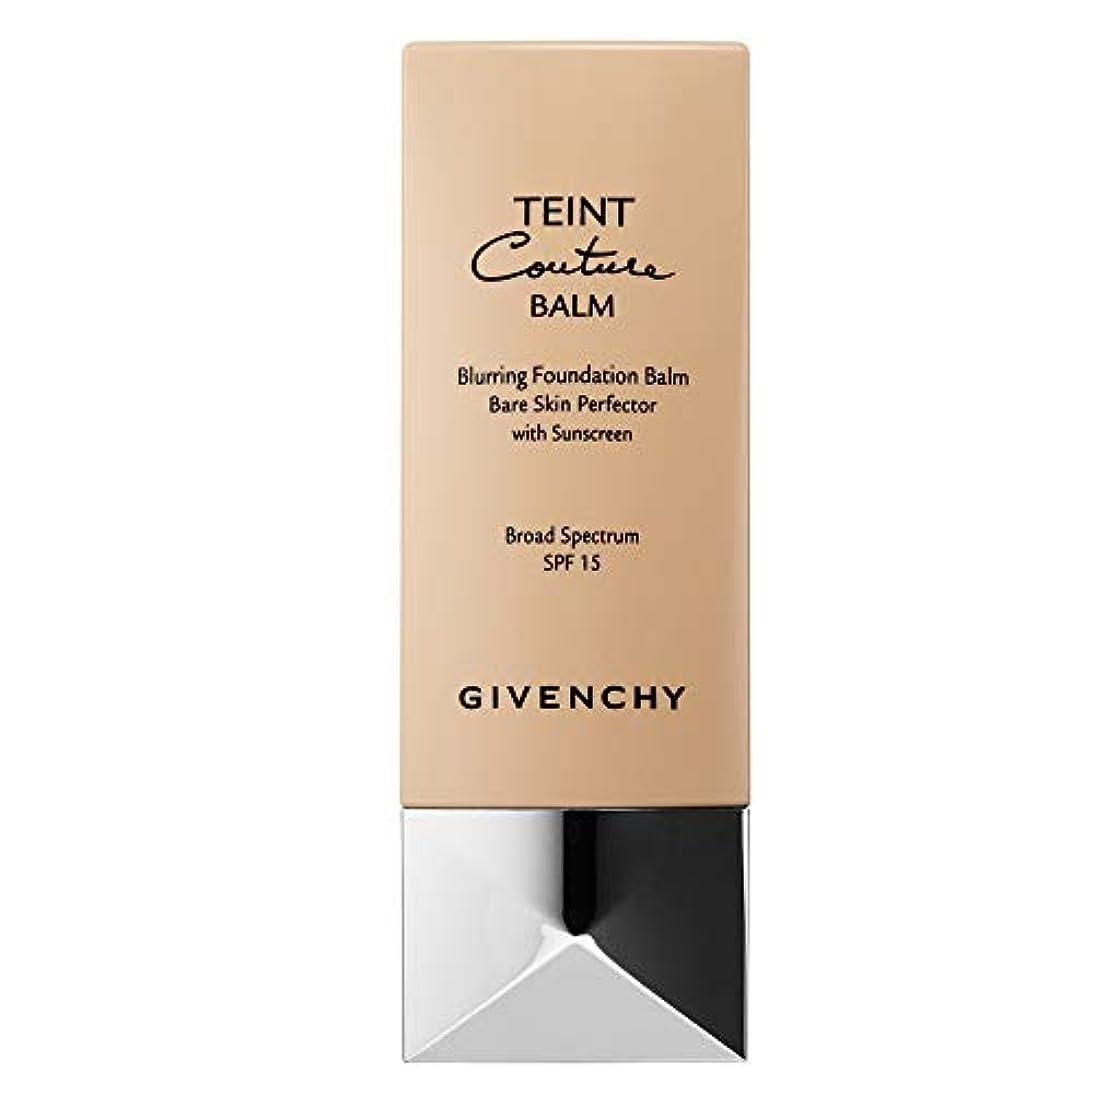 規模モノグラフしっとりジバンシィ Teint Couture Blurring Foundation Balm SPF 15 - # 1 Nude Porcelain 30ml/1oz並行輸入品